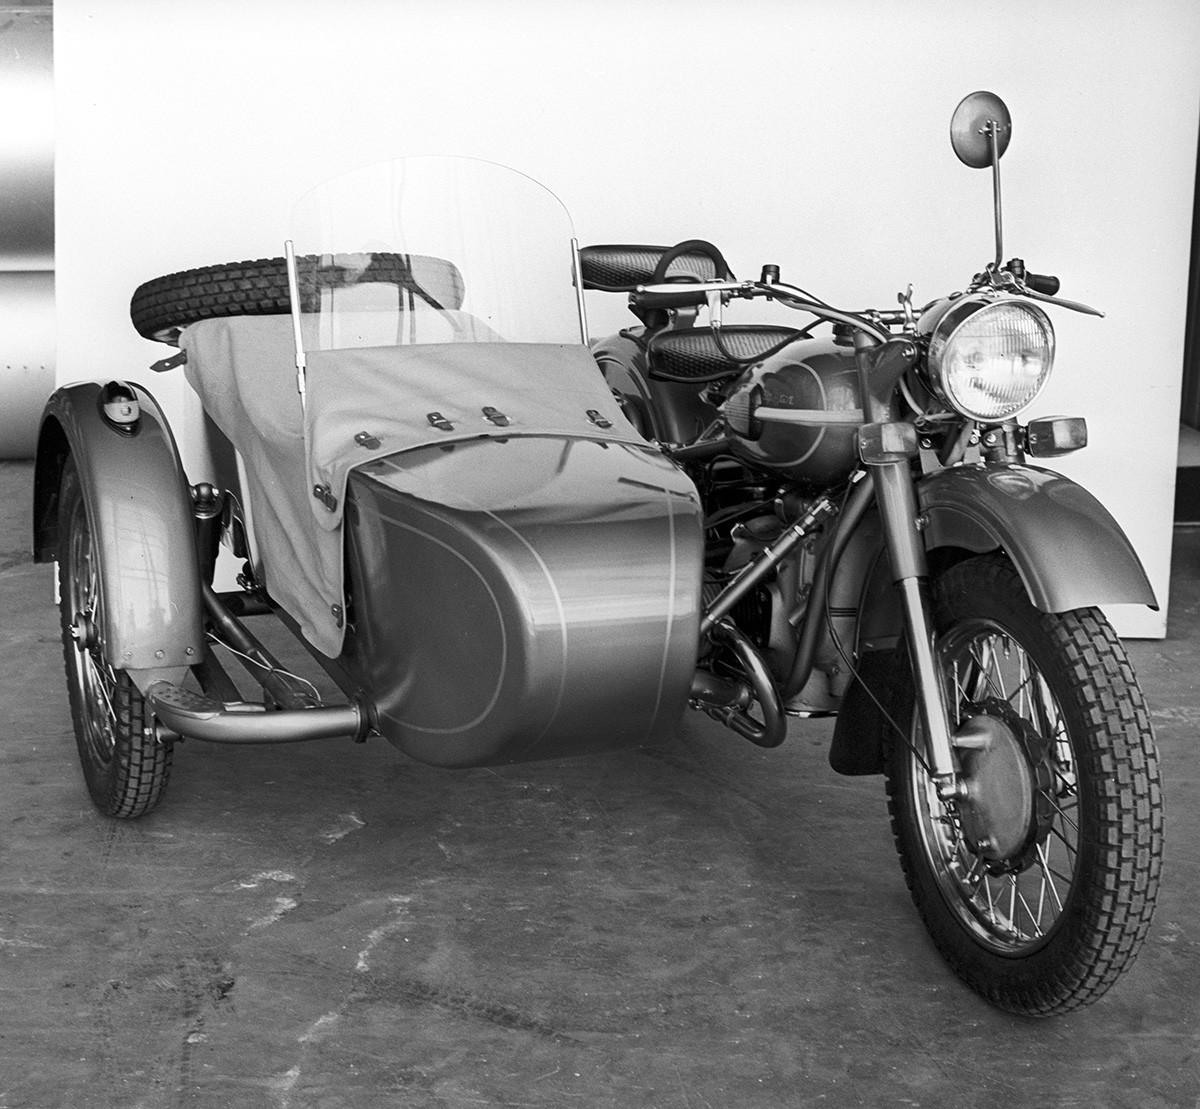 Sepeda motor 'Ural-3 M66', yang diproduksi oleh pabrik sepeda motor Irbit.